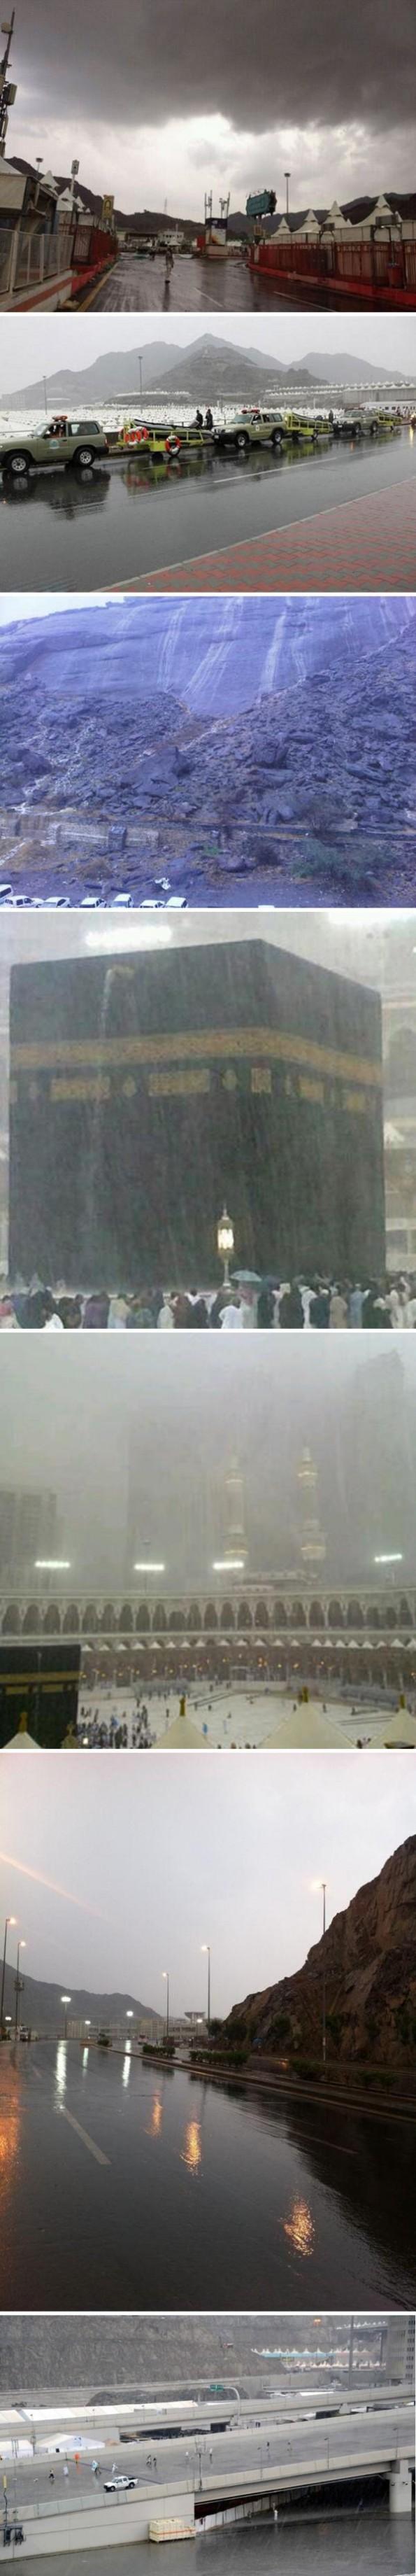 فيديو وصور أمطار غزيرة تملأ